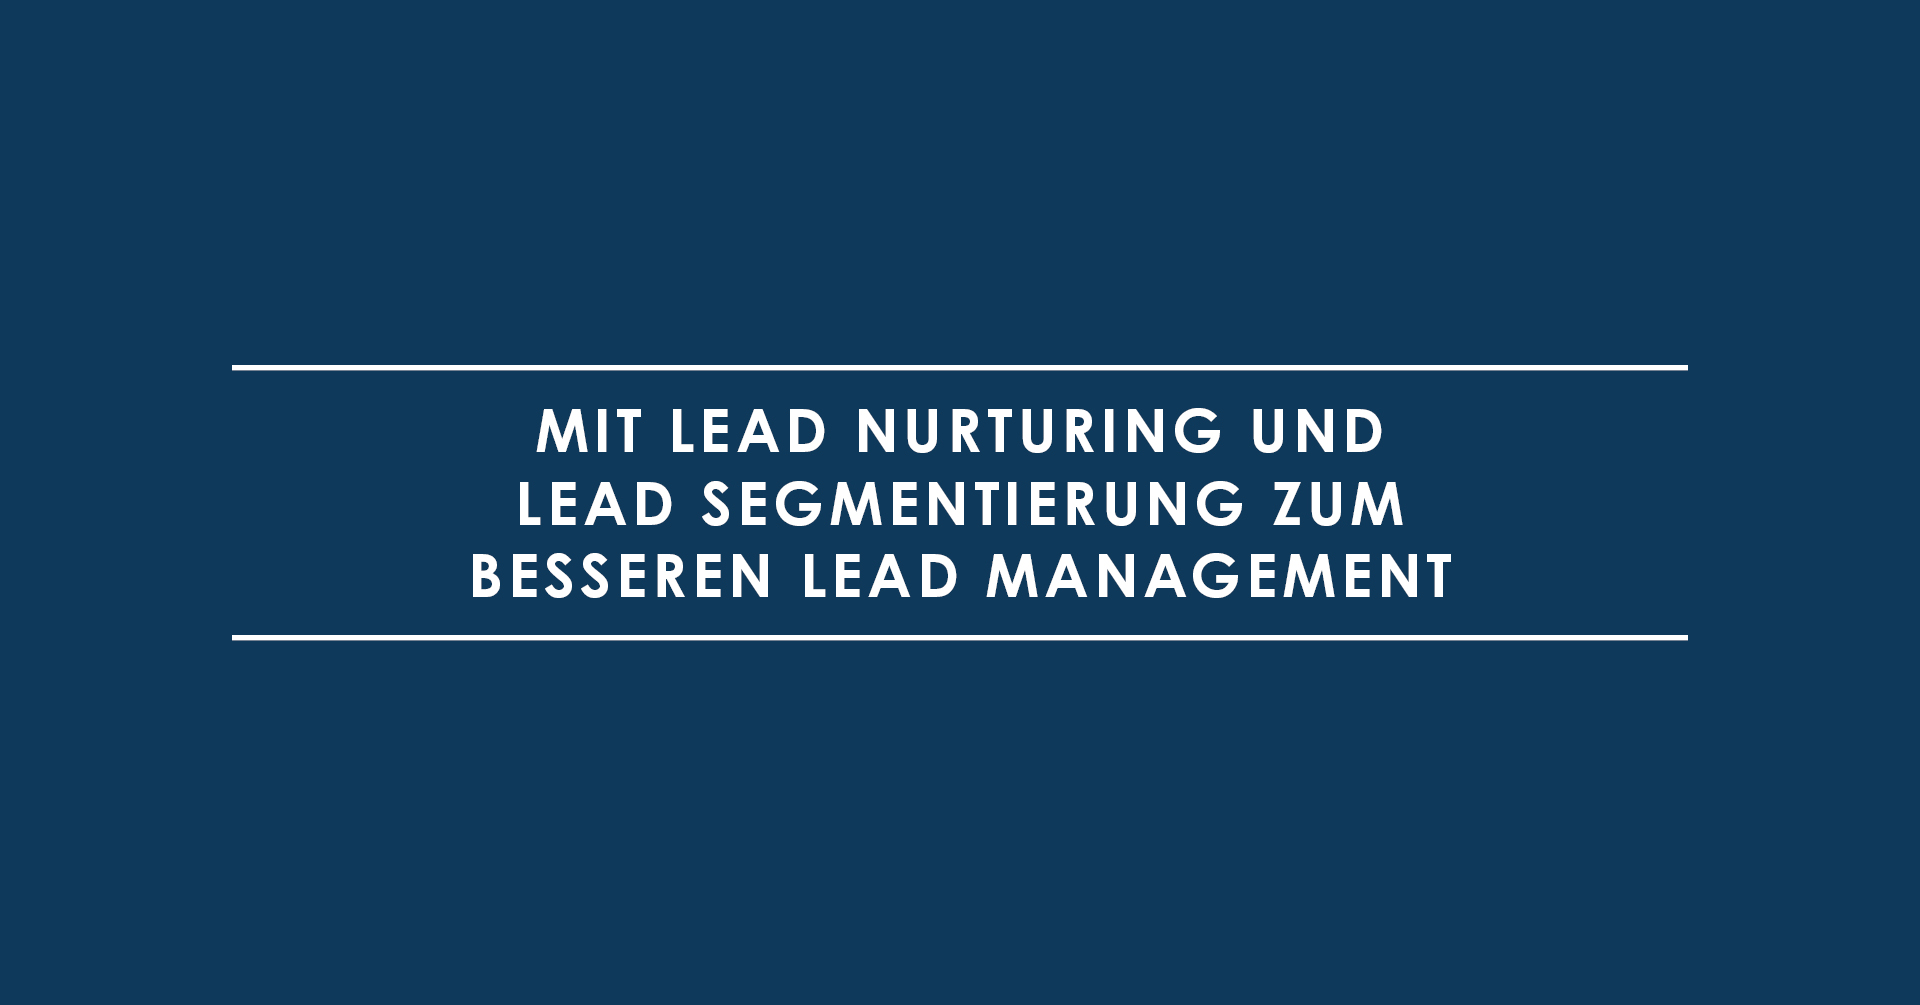 Mit Lead Nurturing und Lead Segmentierung zum besseren Lead Management